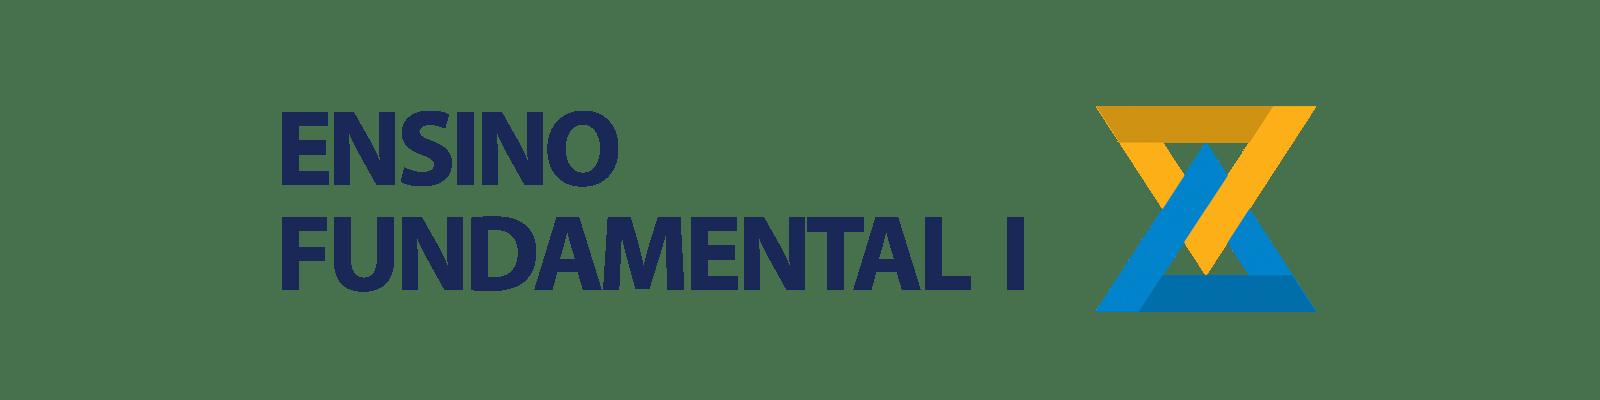 fundamental-1